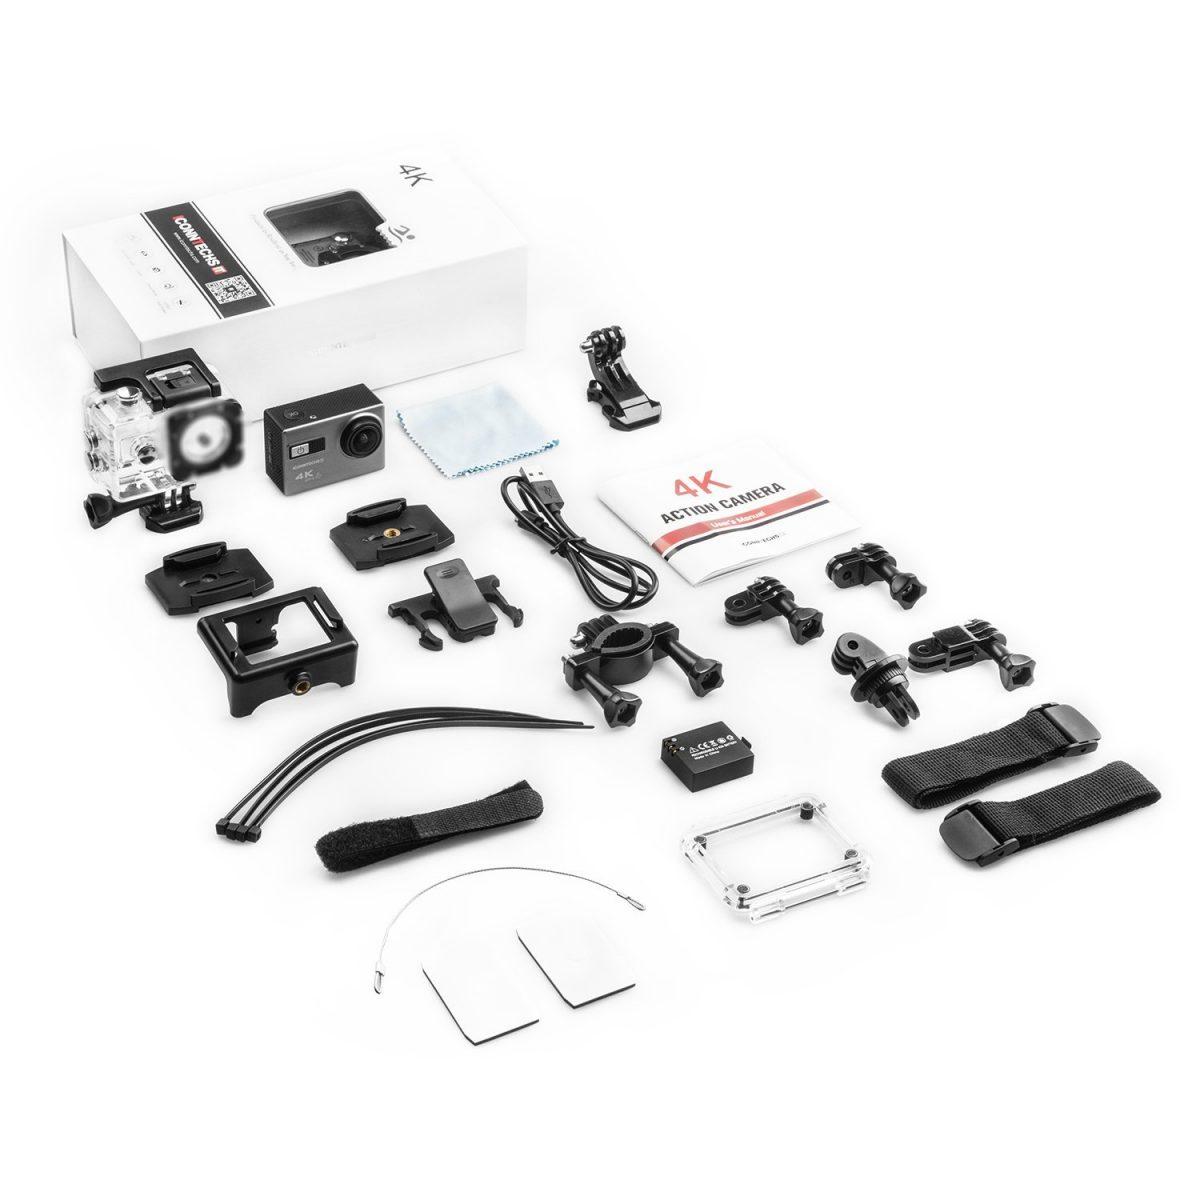 ICONNTECHS IT Action Camera 4K amazon offerta codice sconto accessori